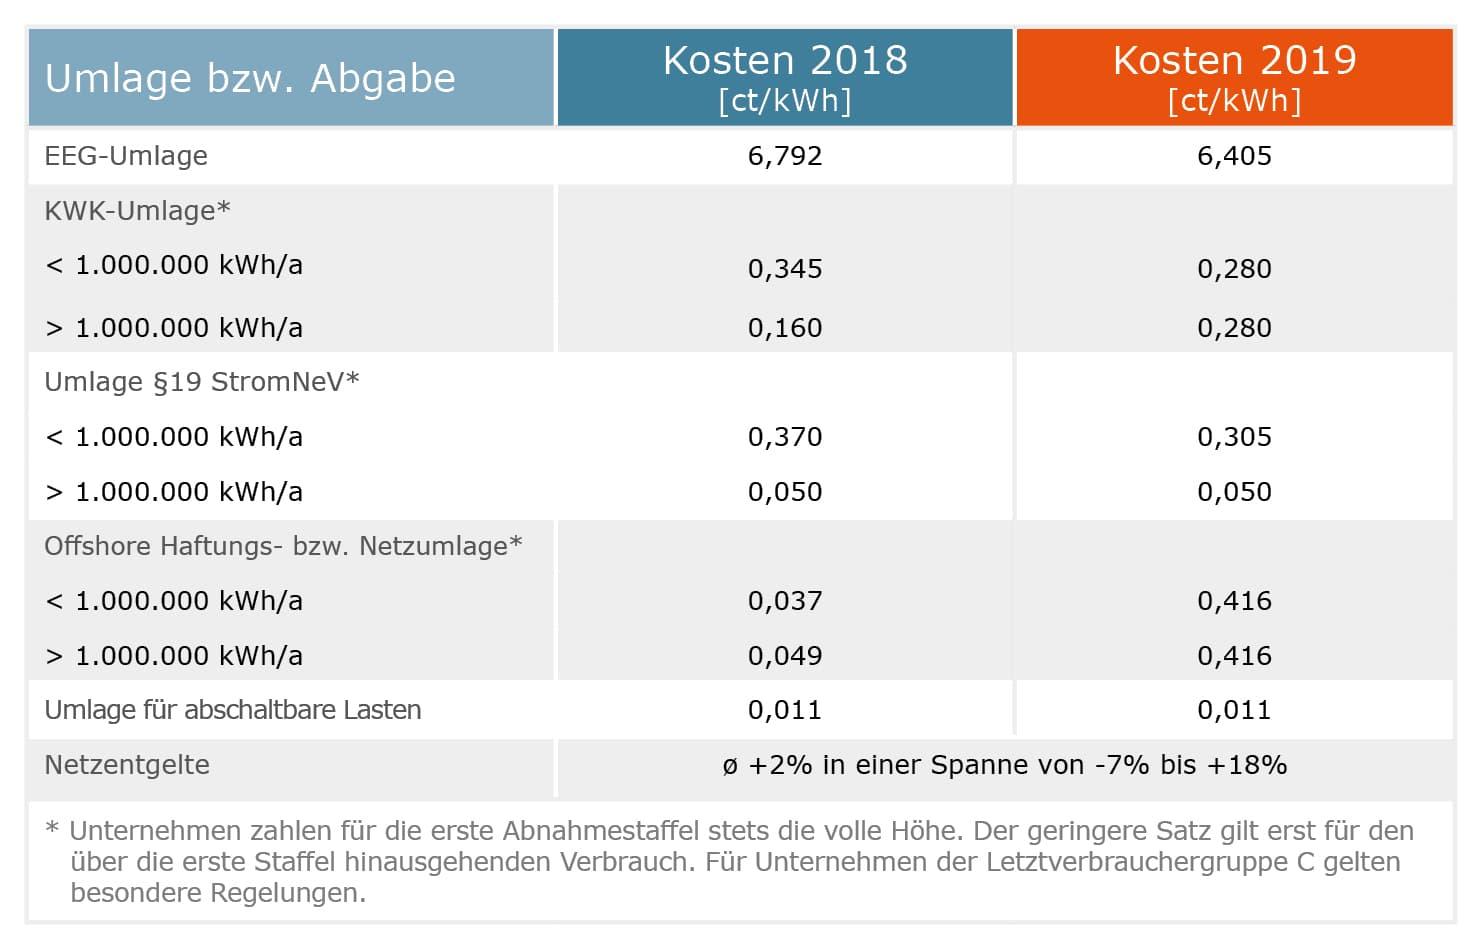 Energiekosten Umlagen 2019